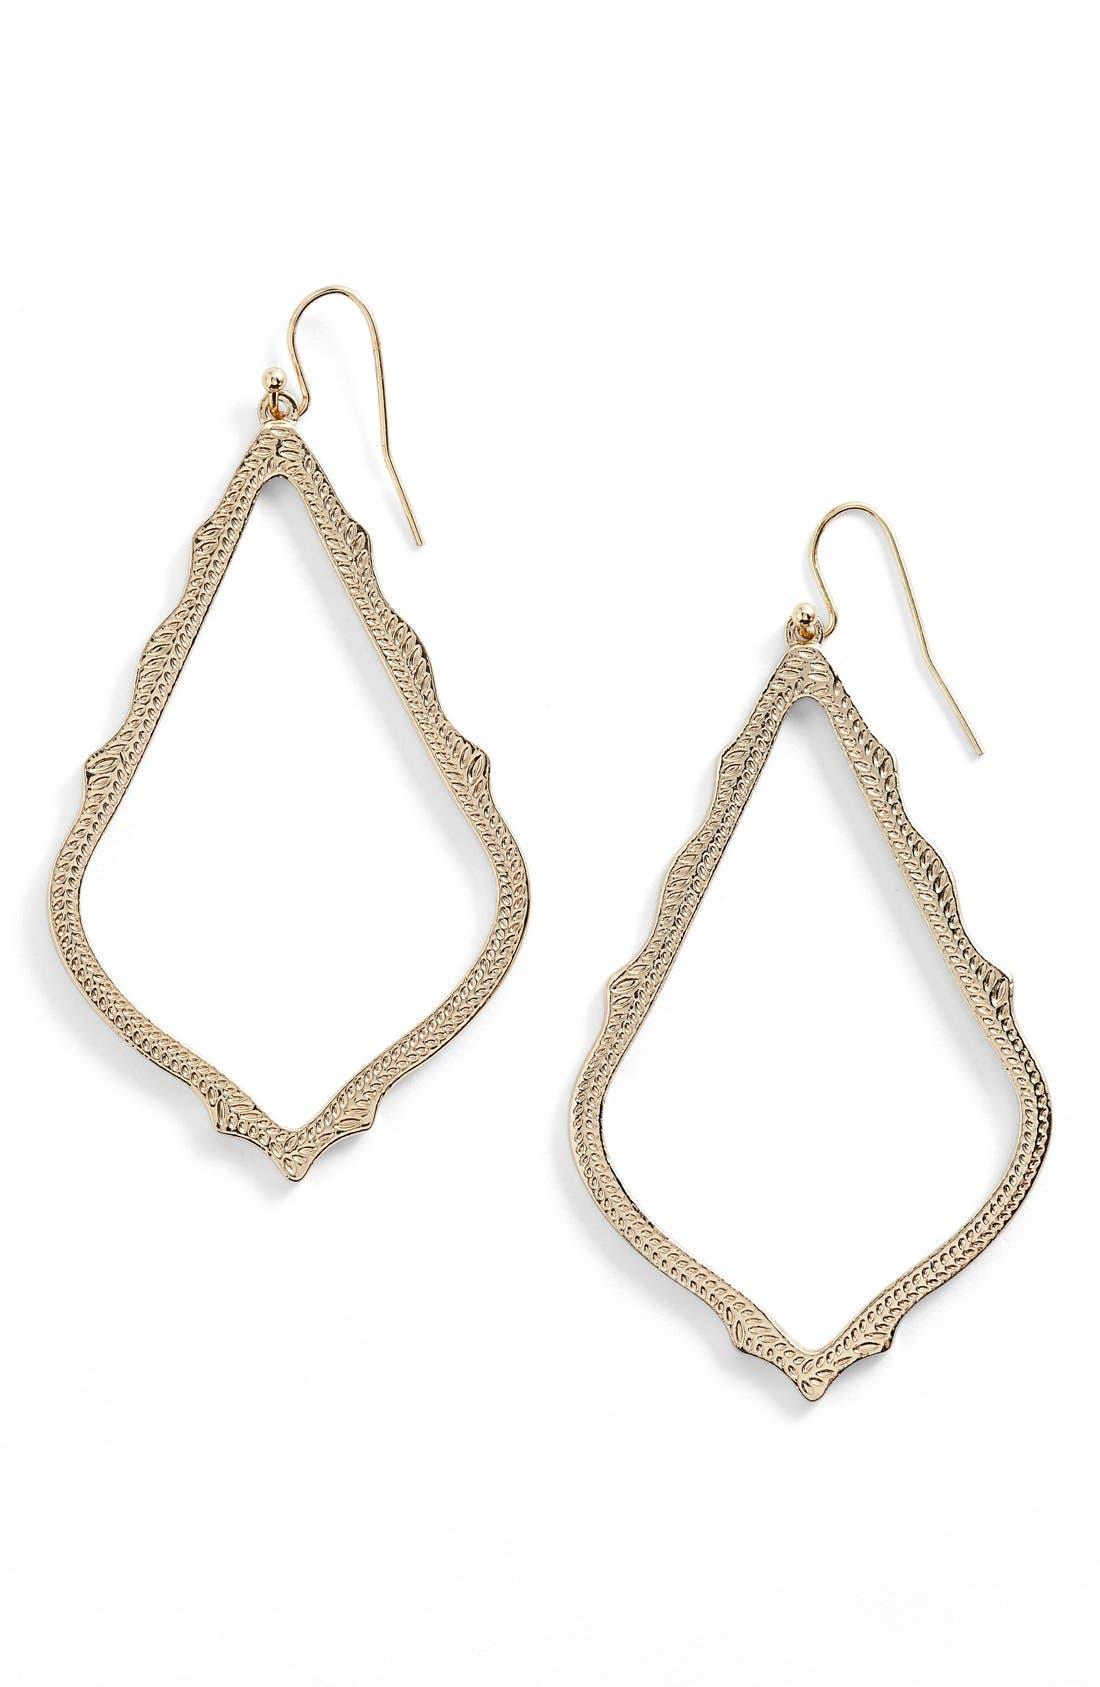 Alternate Image 1 Selected - Kendra Scott 'Sophee' Textured Drop Earrings